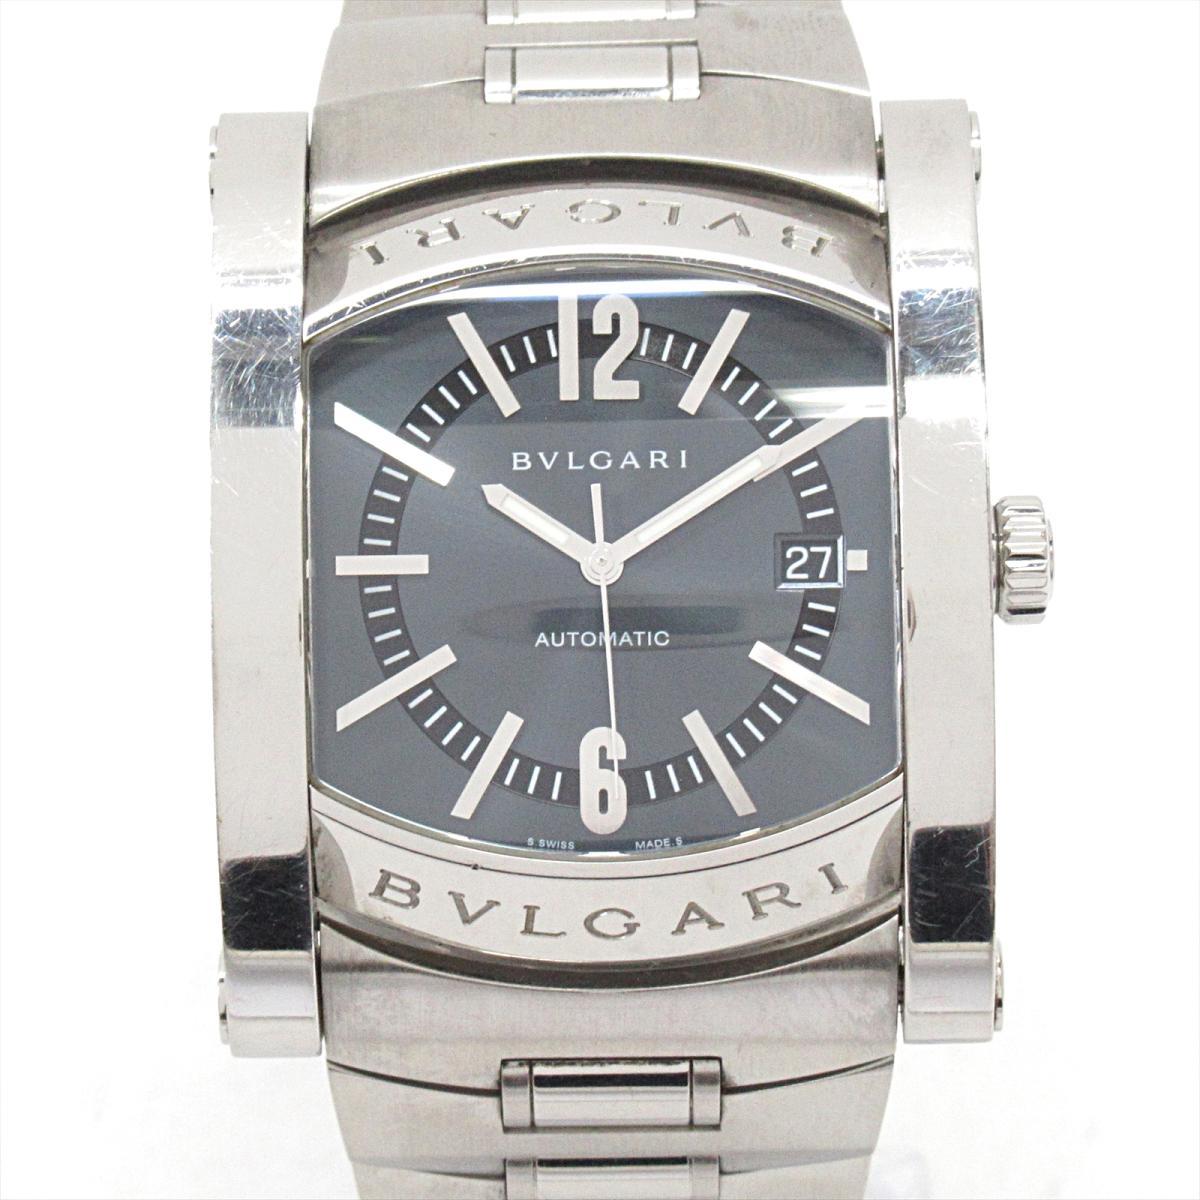 【中古】 ブルガリ アショーマ 腕時計 ウォッチ メンズ ステンレススチール (SS) (AA48S) | BVLGARI オートマチック 自動巻き 時計 アショーマ48 ブランドオフ